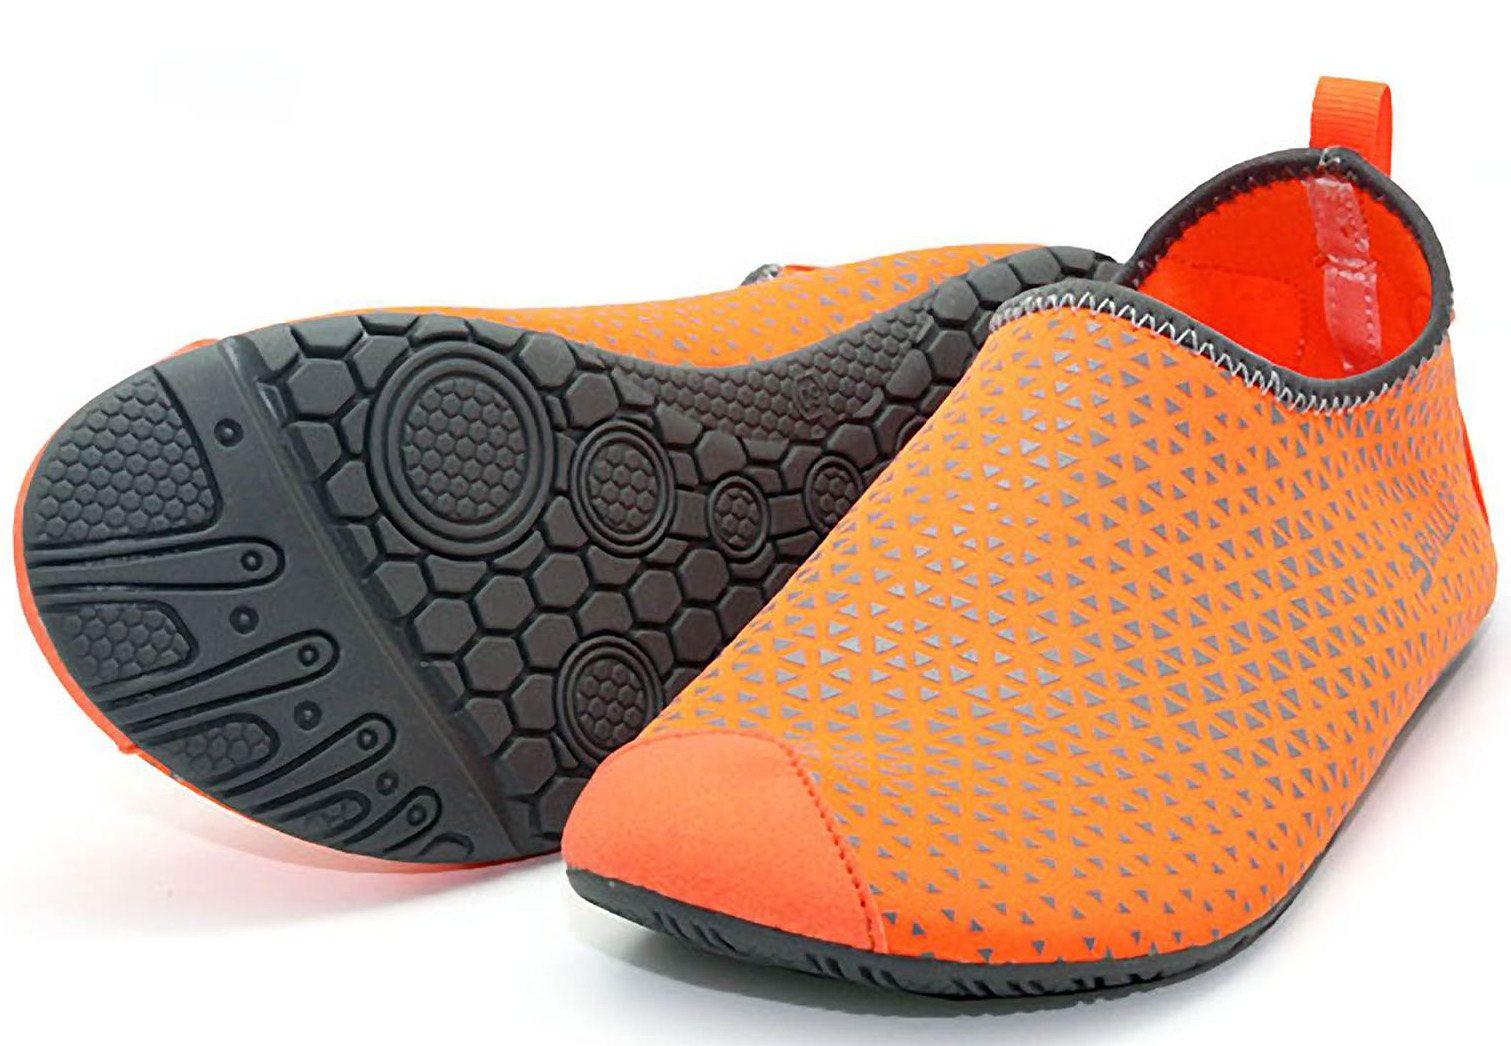 Ballop Barfußschuhe, Spider orange online kaufen  orange